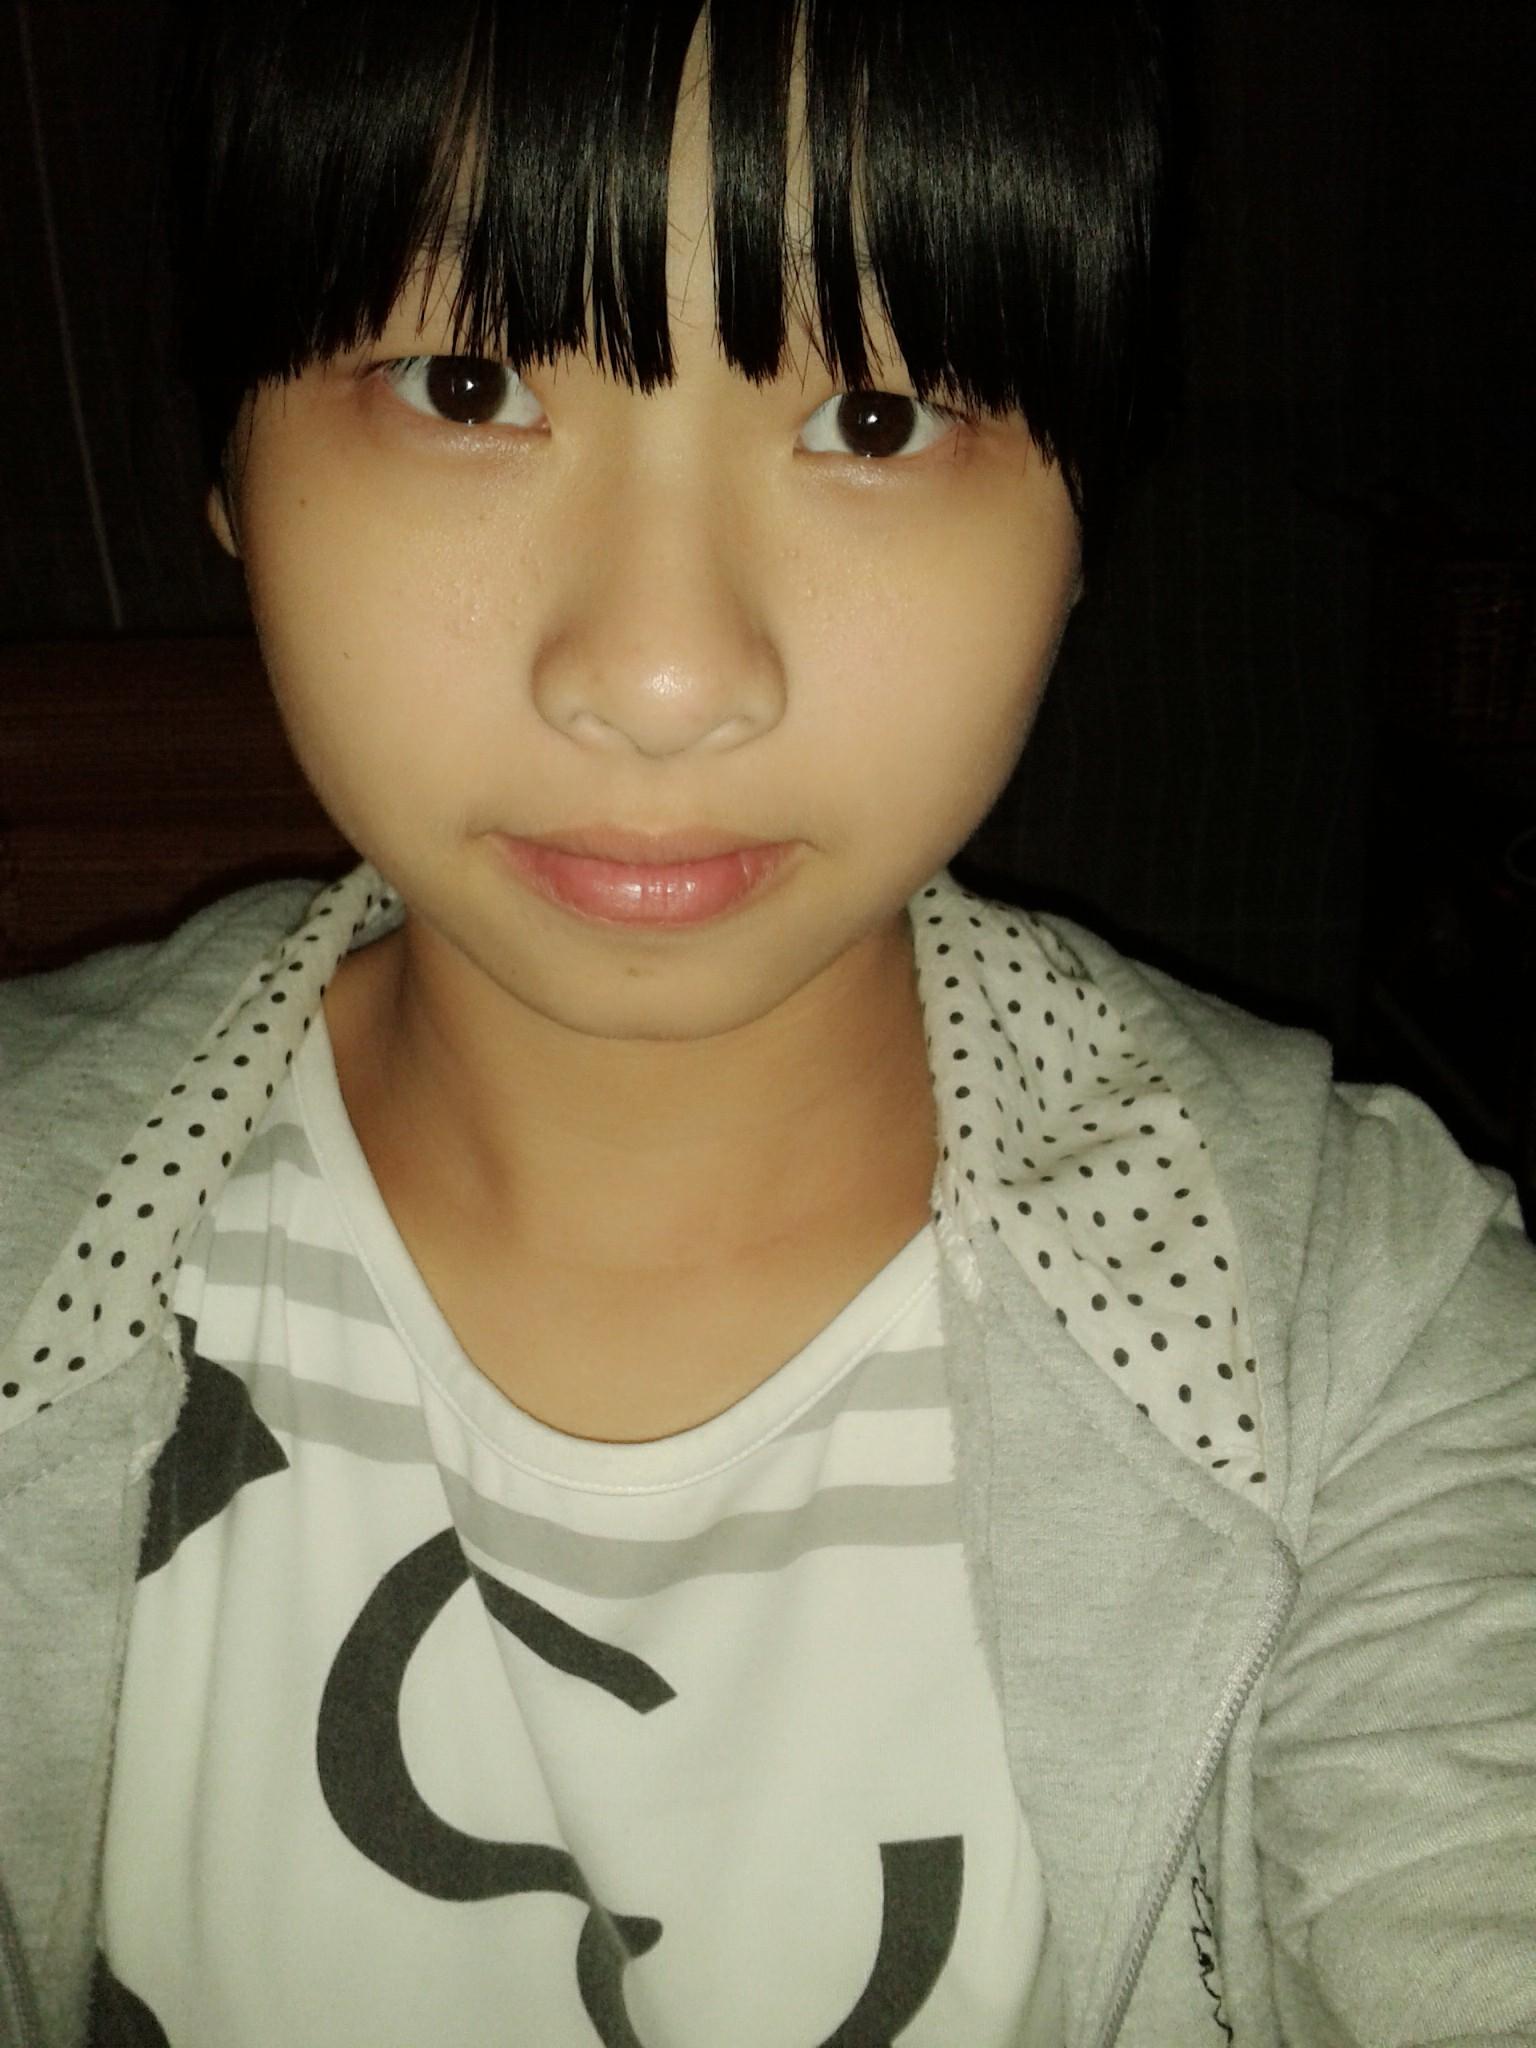 这是什么脸型 我眼睛是单眼皮的 适合什么发型,中分好看吗?图片